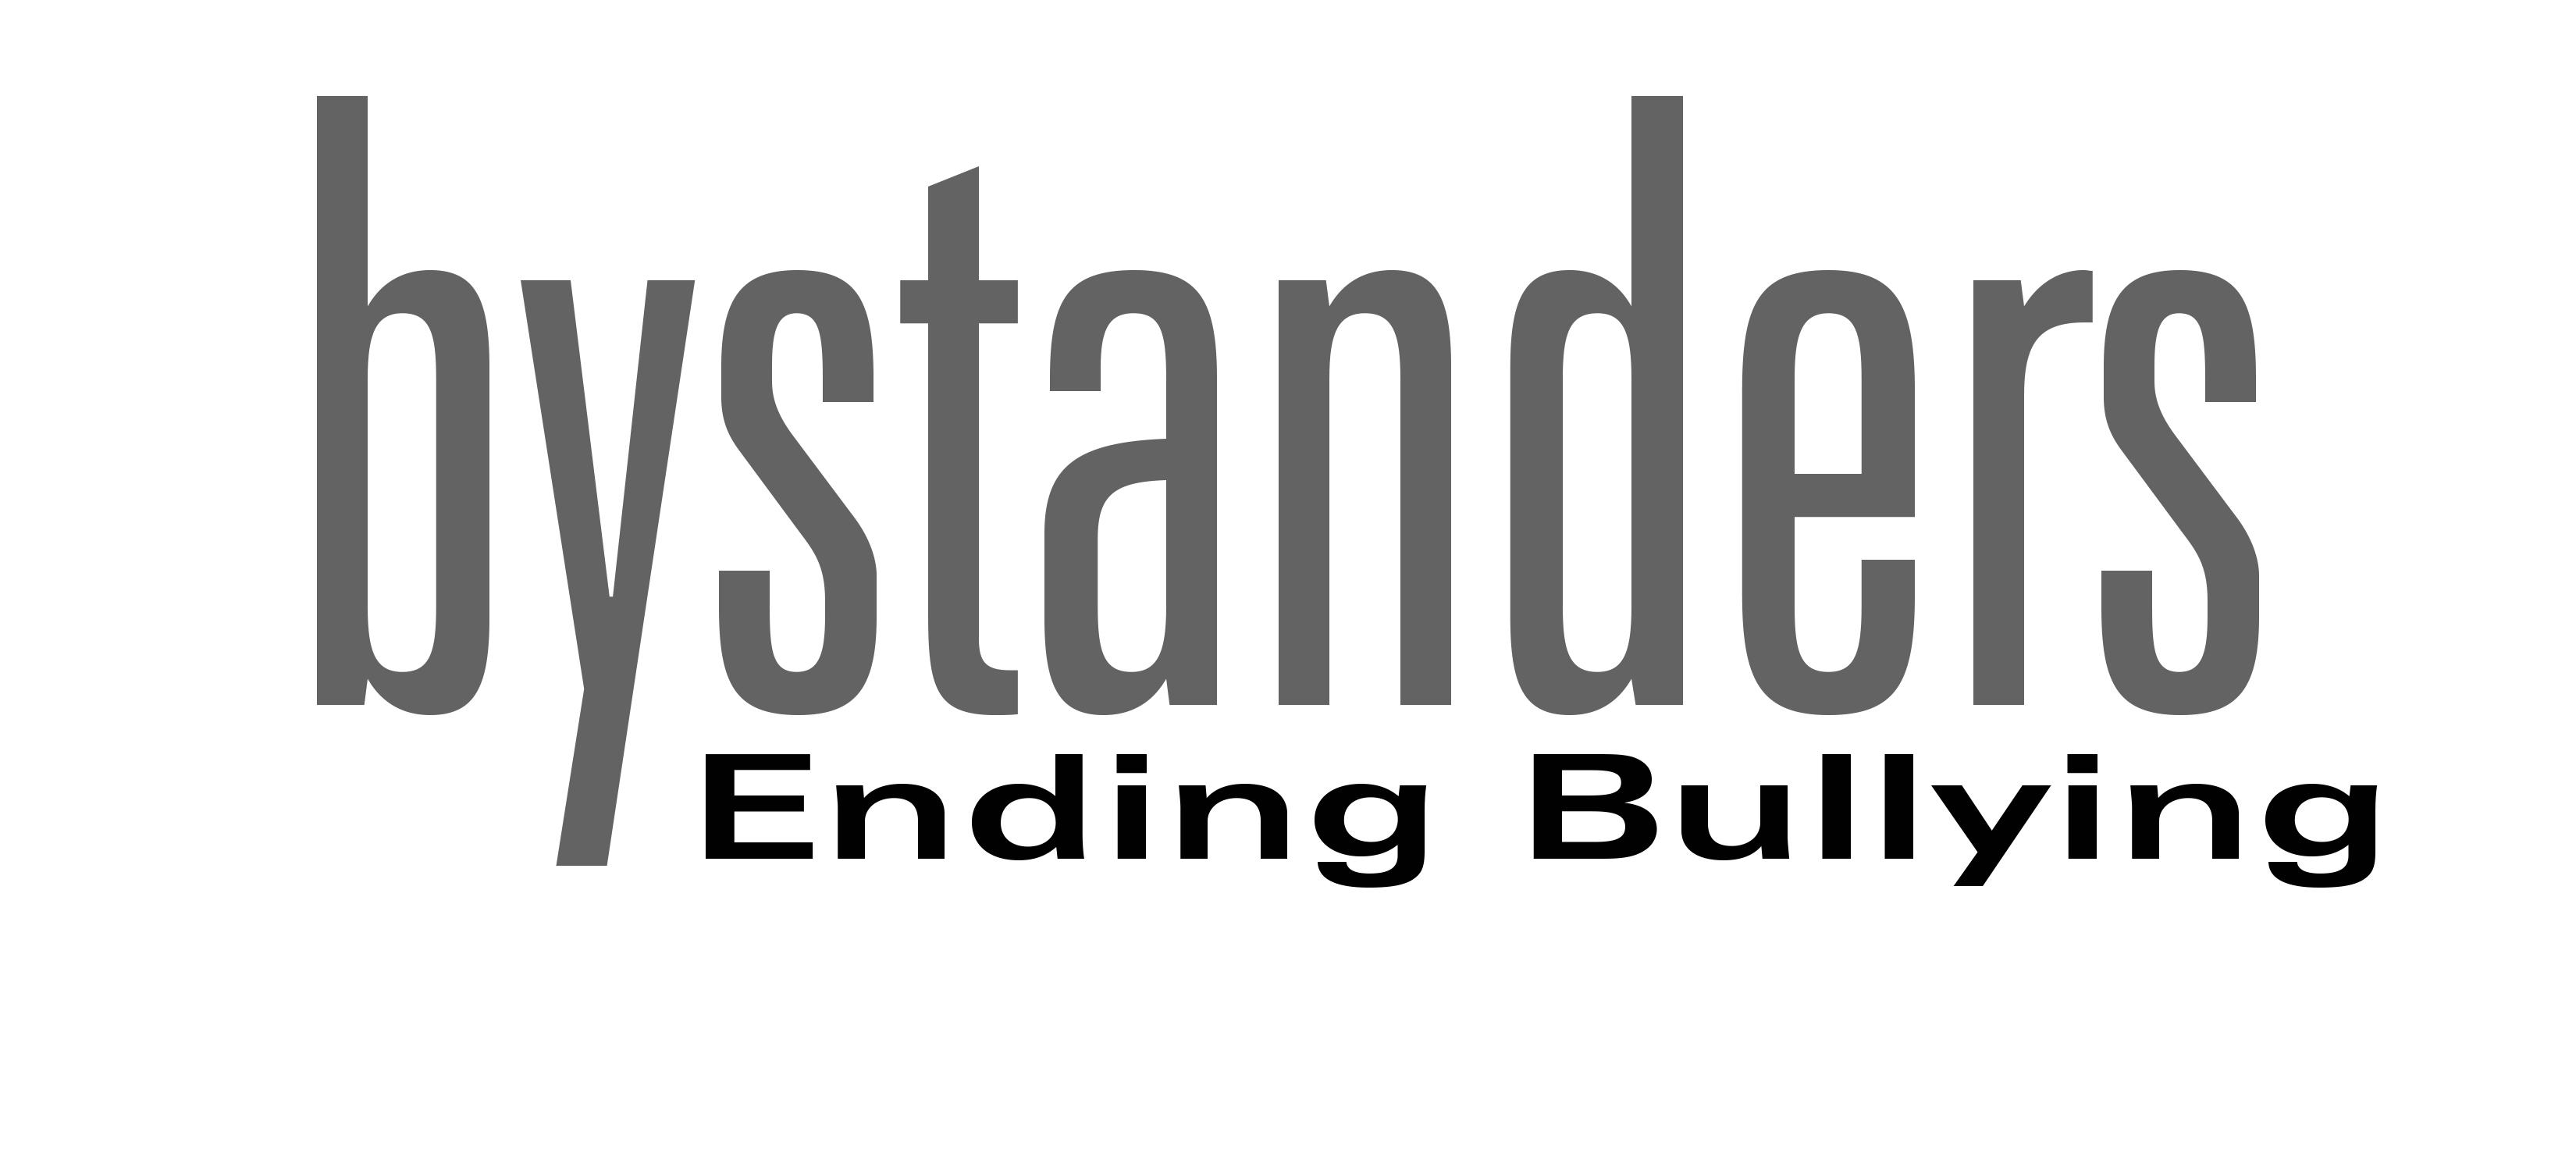 Bystanders Ending Bullying